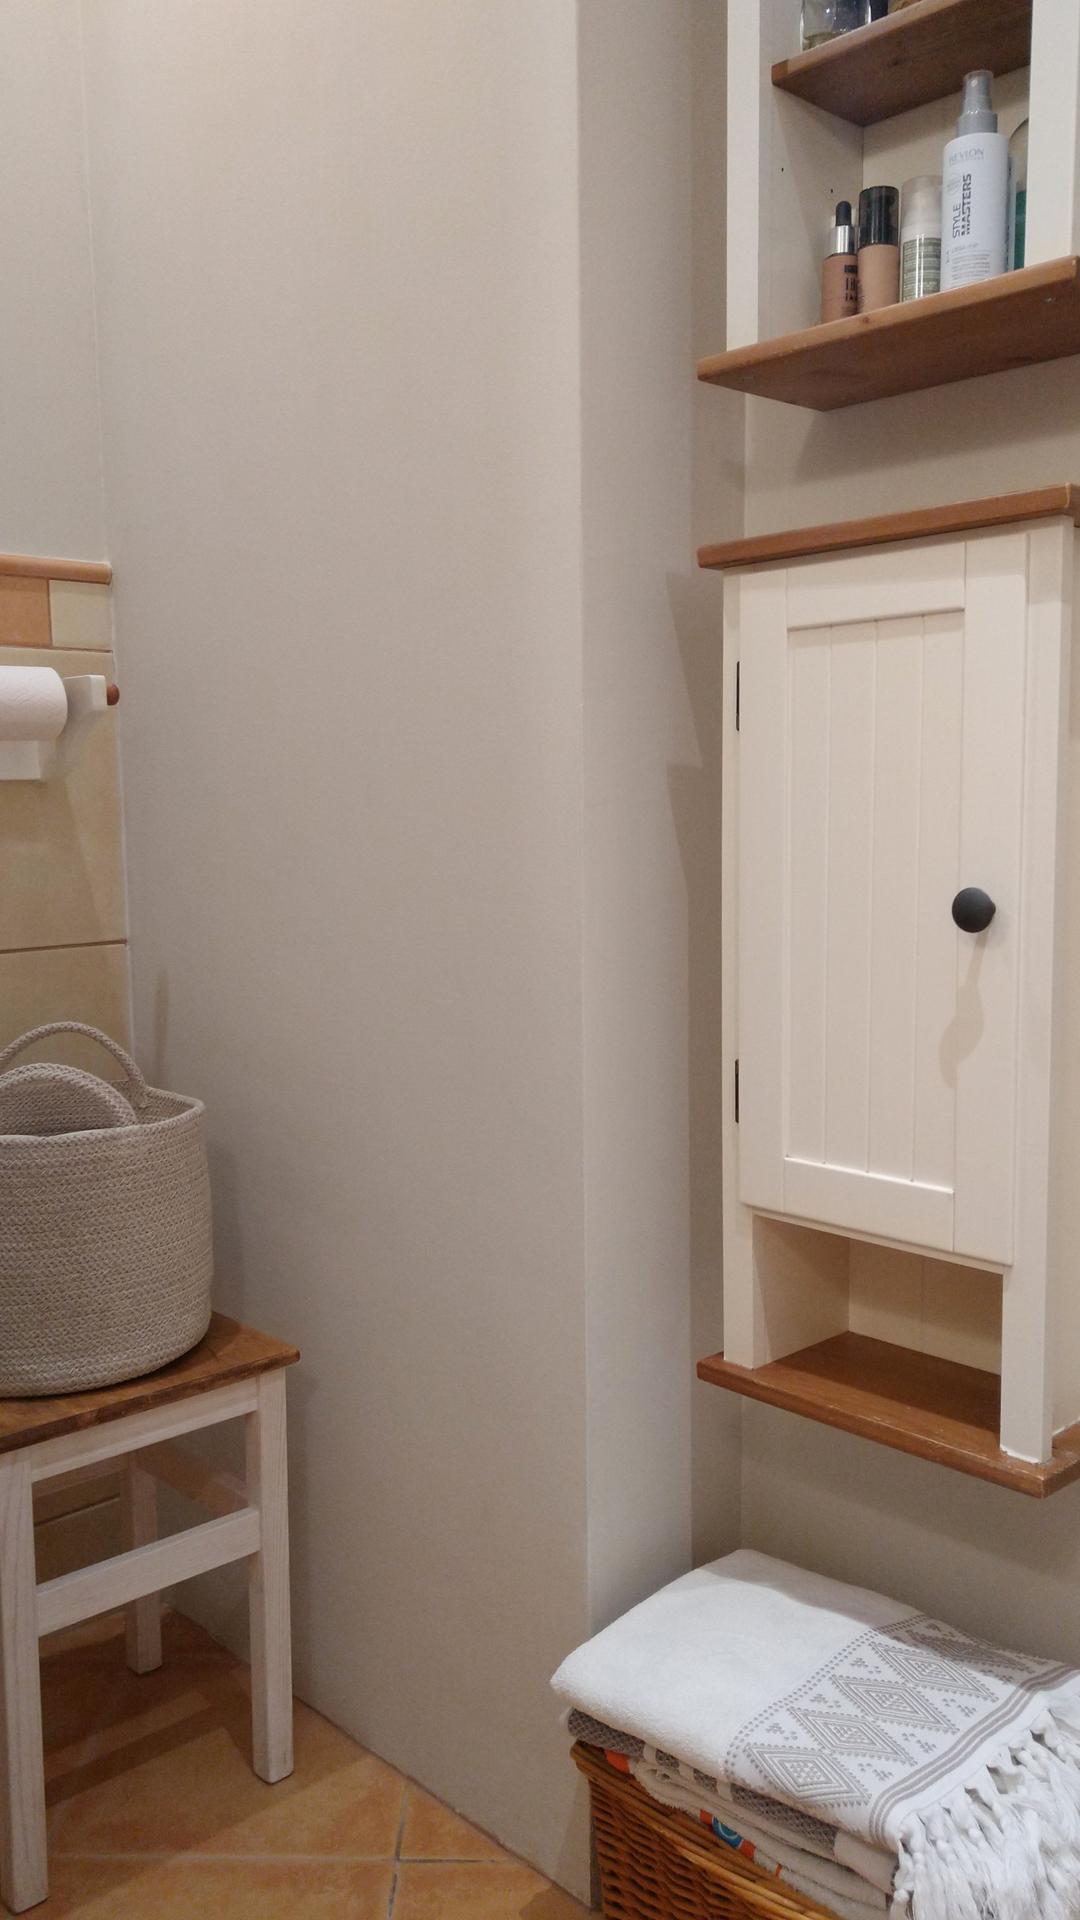 Kúpeľňa - Obrázok č. 5